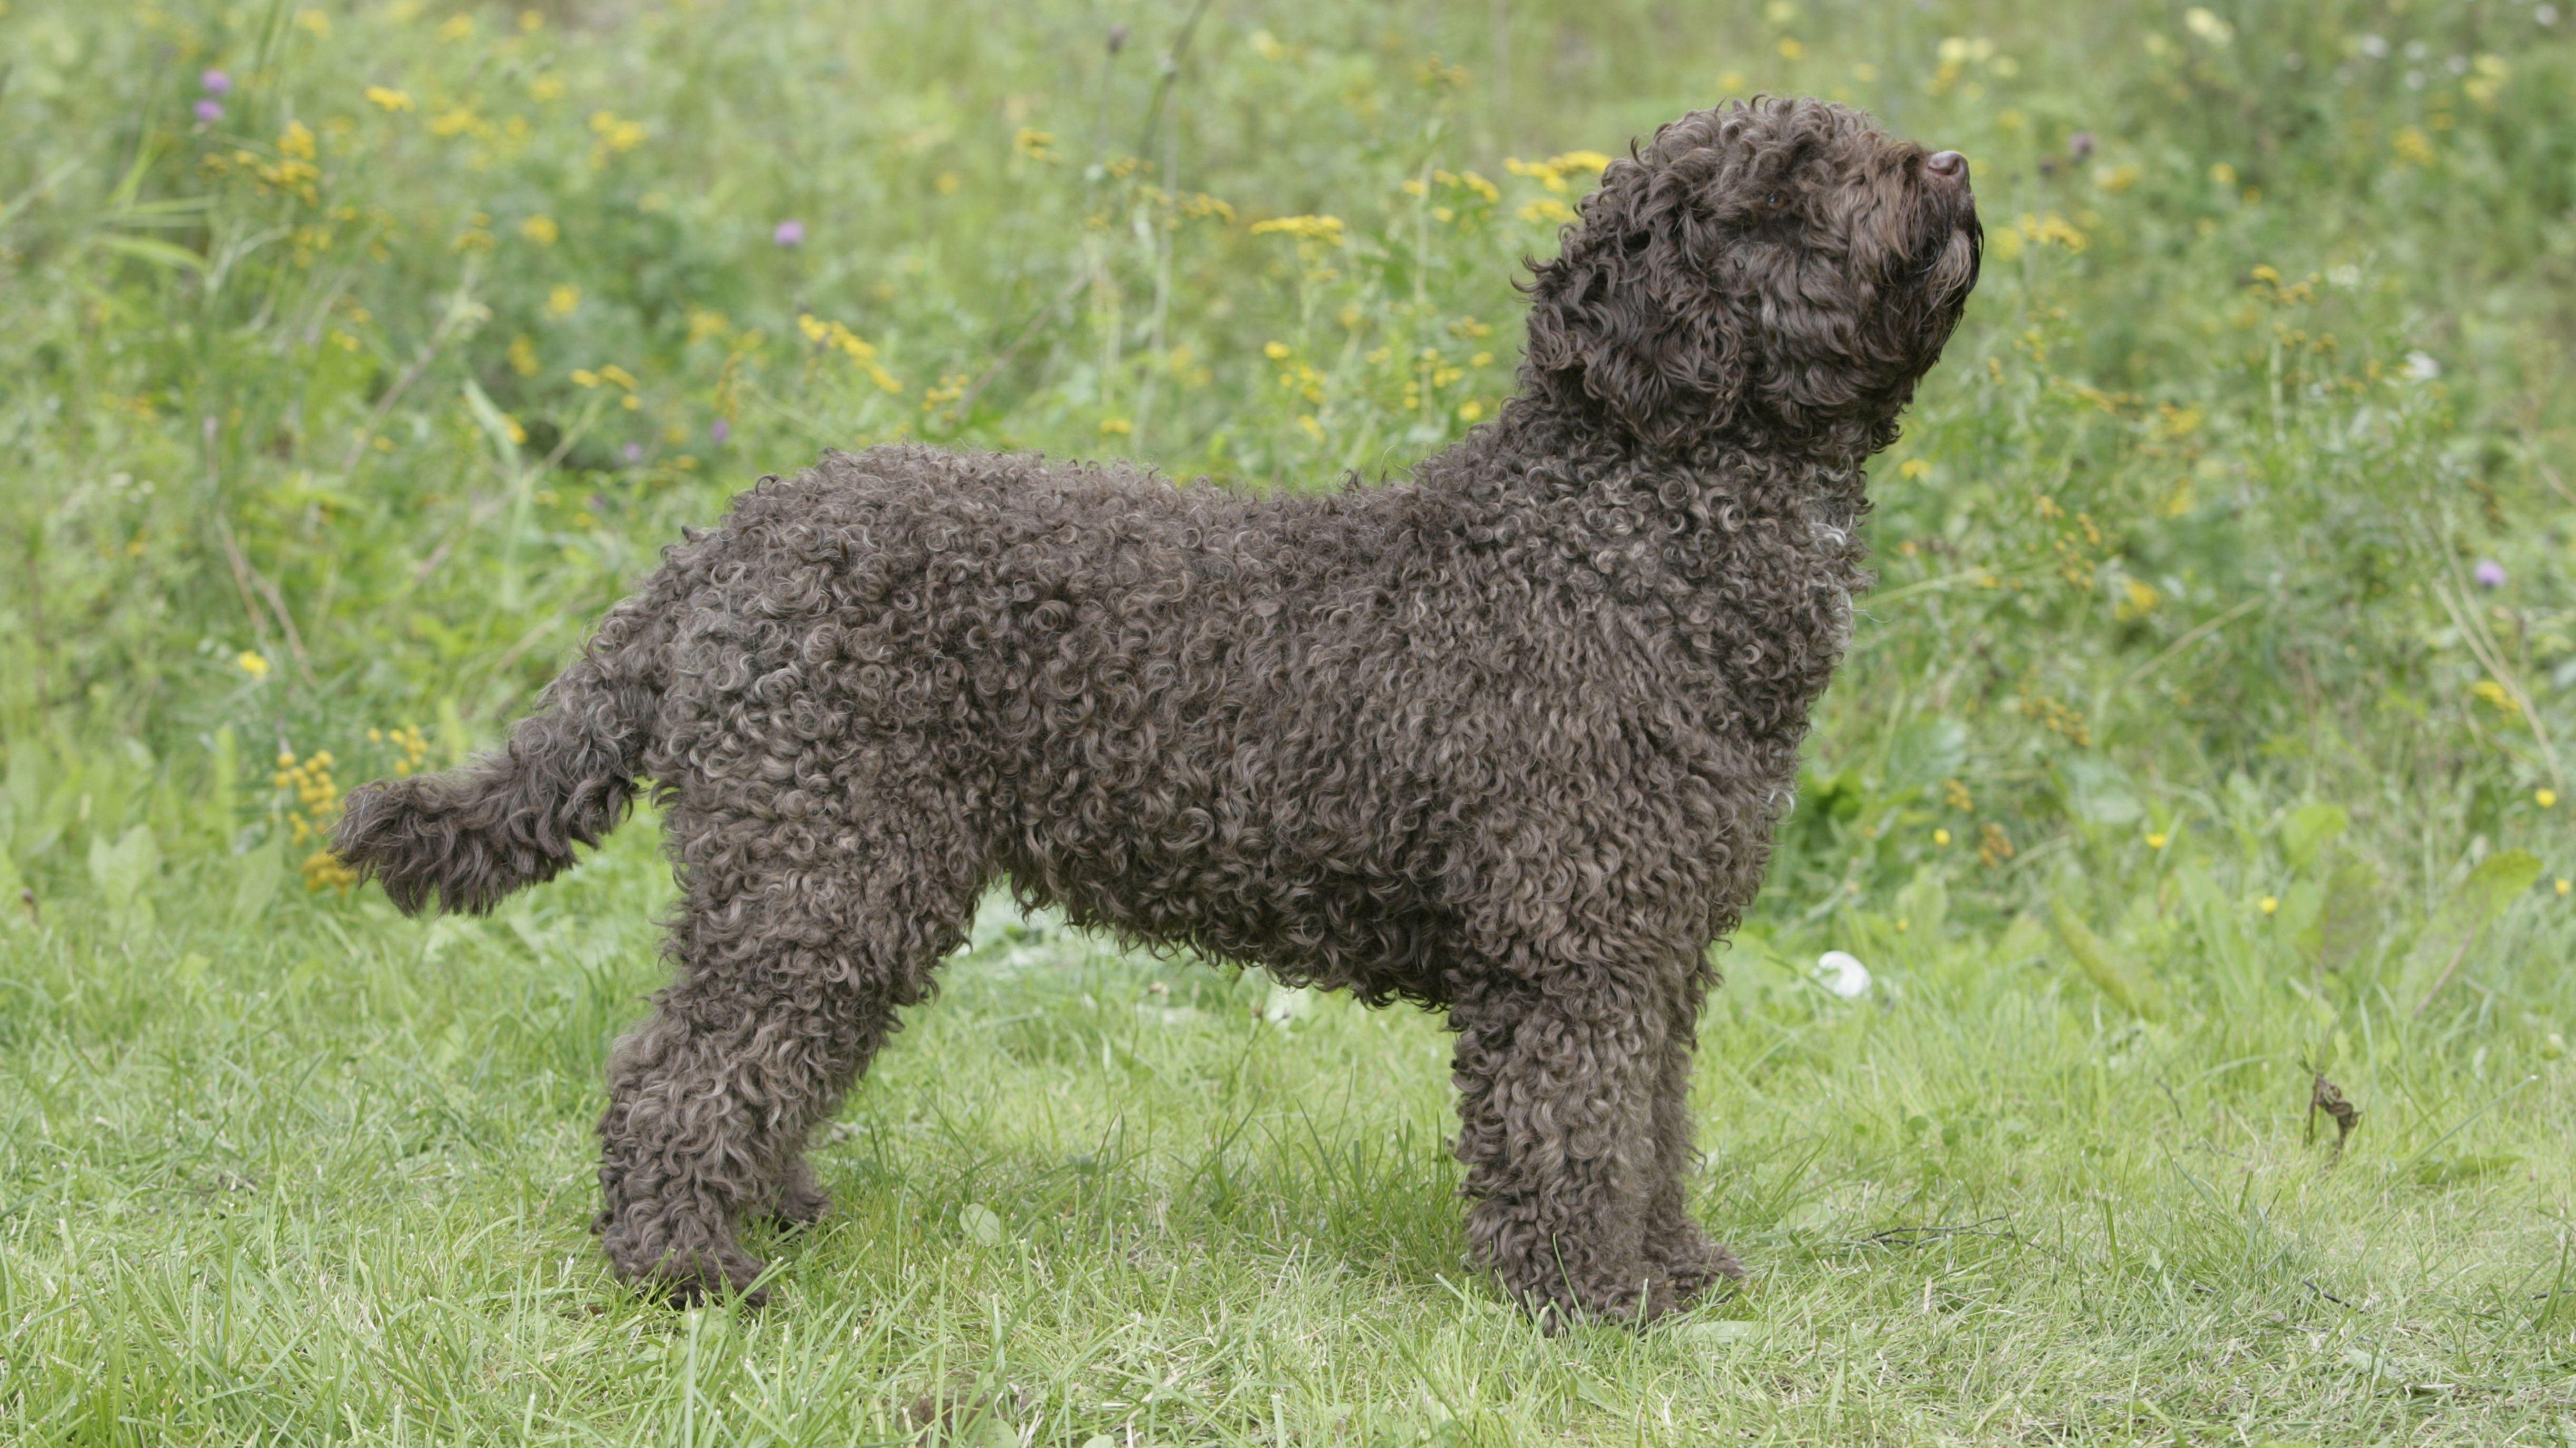 Ein spanischer Wasserhund - wohl ein eher schüchterner Hund.